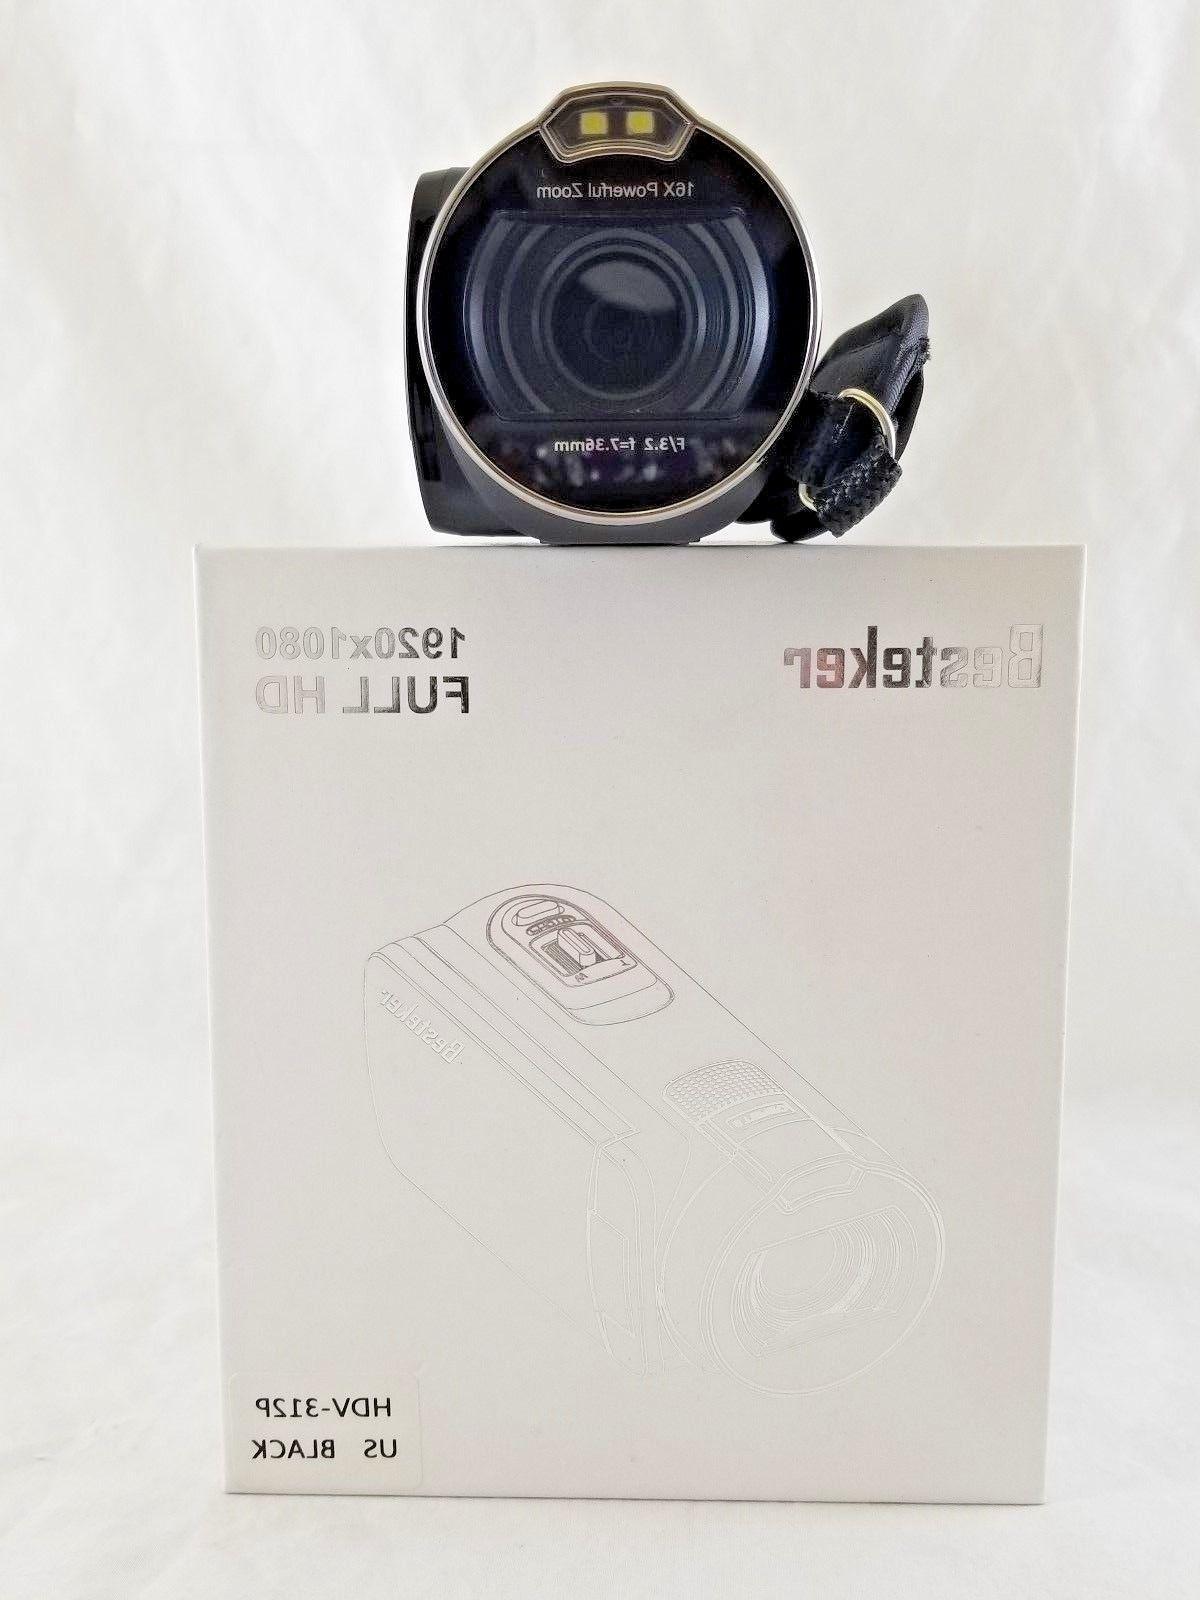 Besteker HDV-312P 1920x1080 Full HD